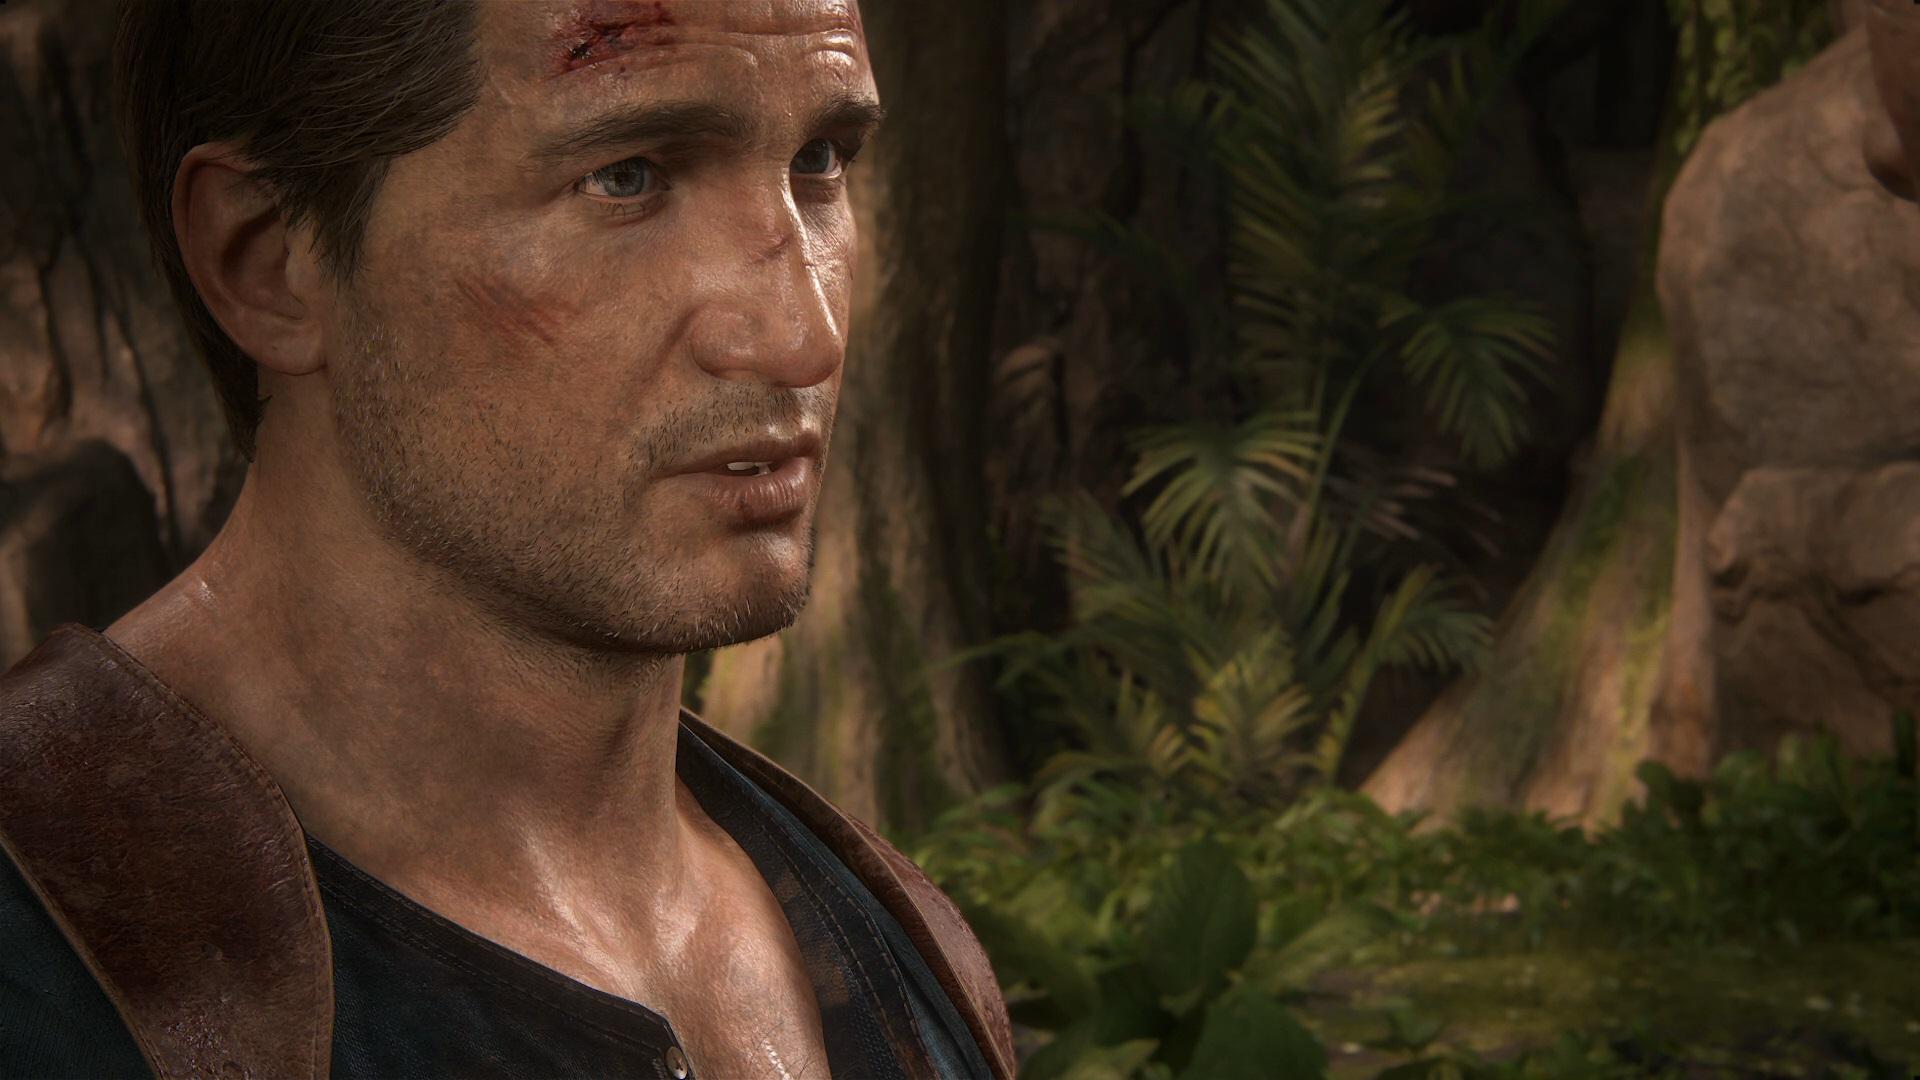 20 imagens de Uncharted 4, um dos jogos mais belos já lançados [spoilers]